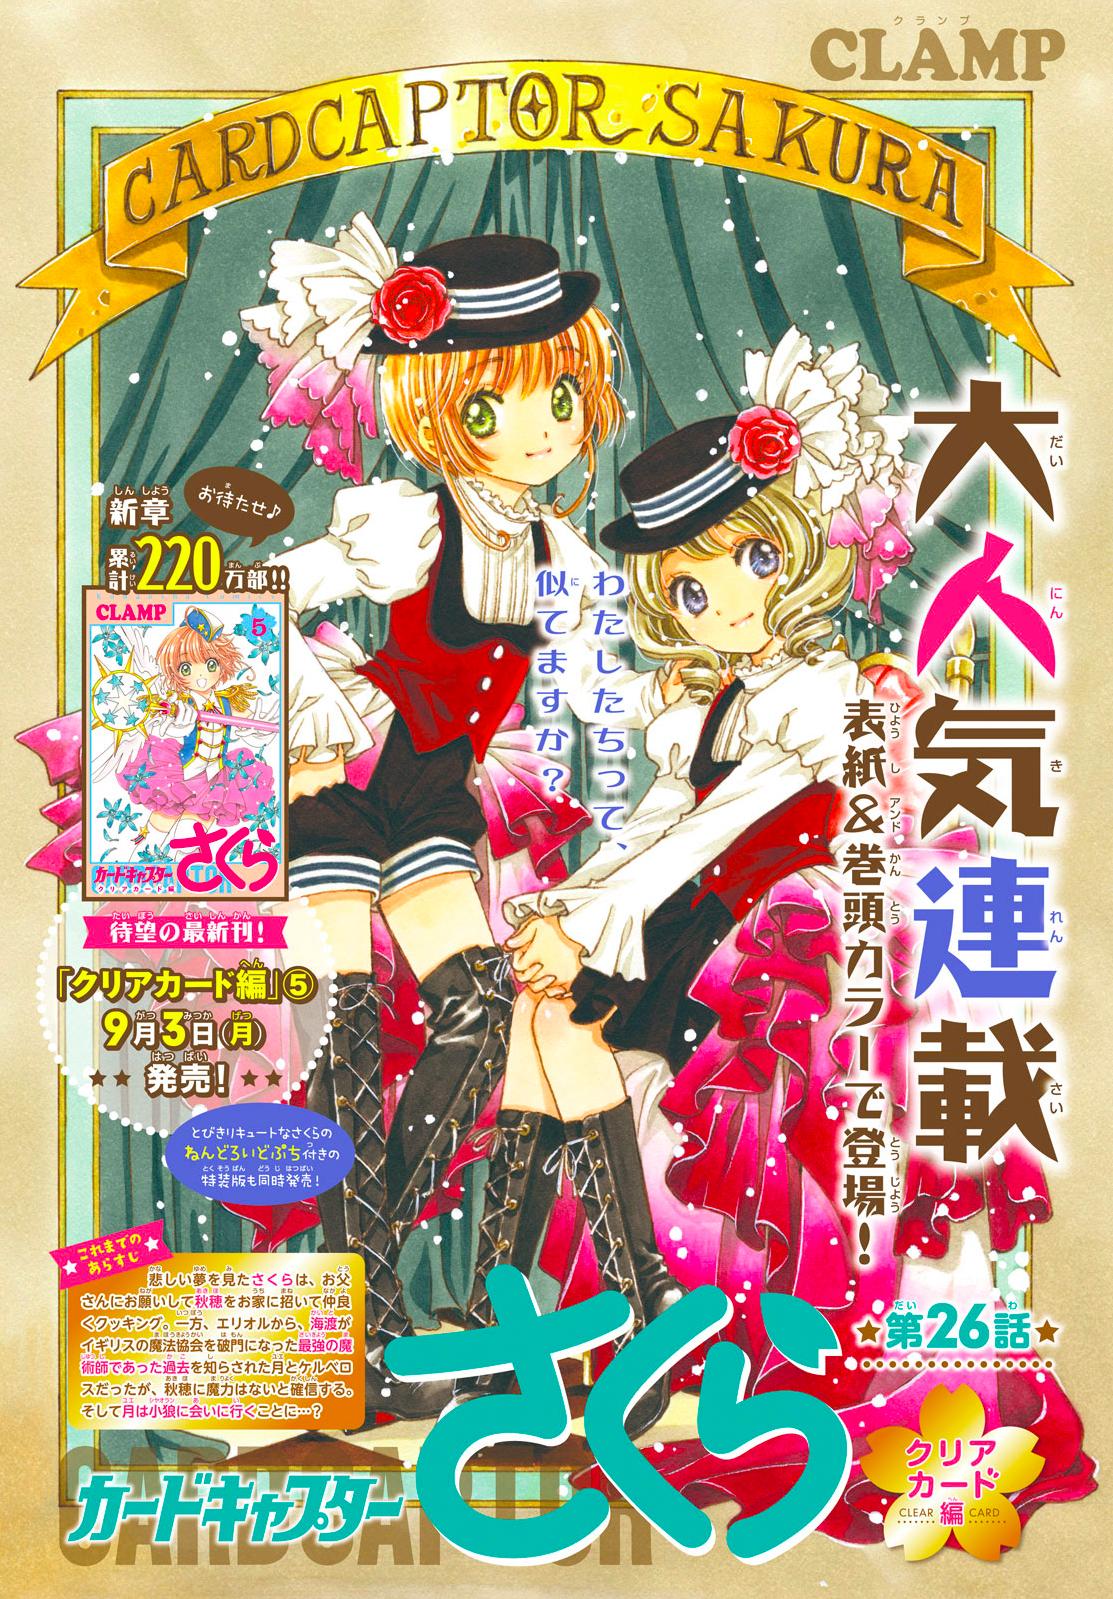 truyện tranh Card Captor Sakura - Clear Card